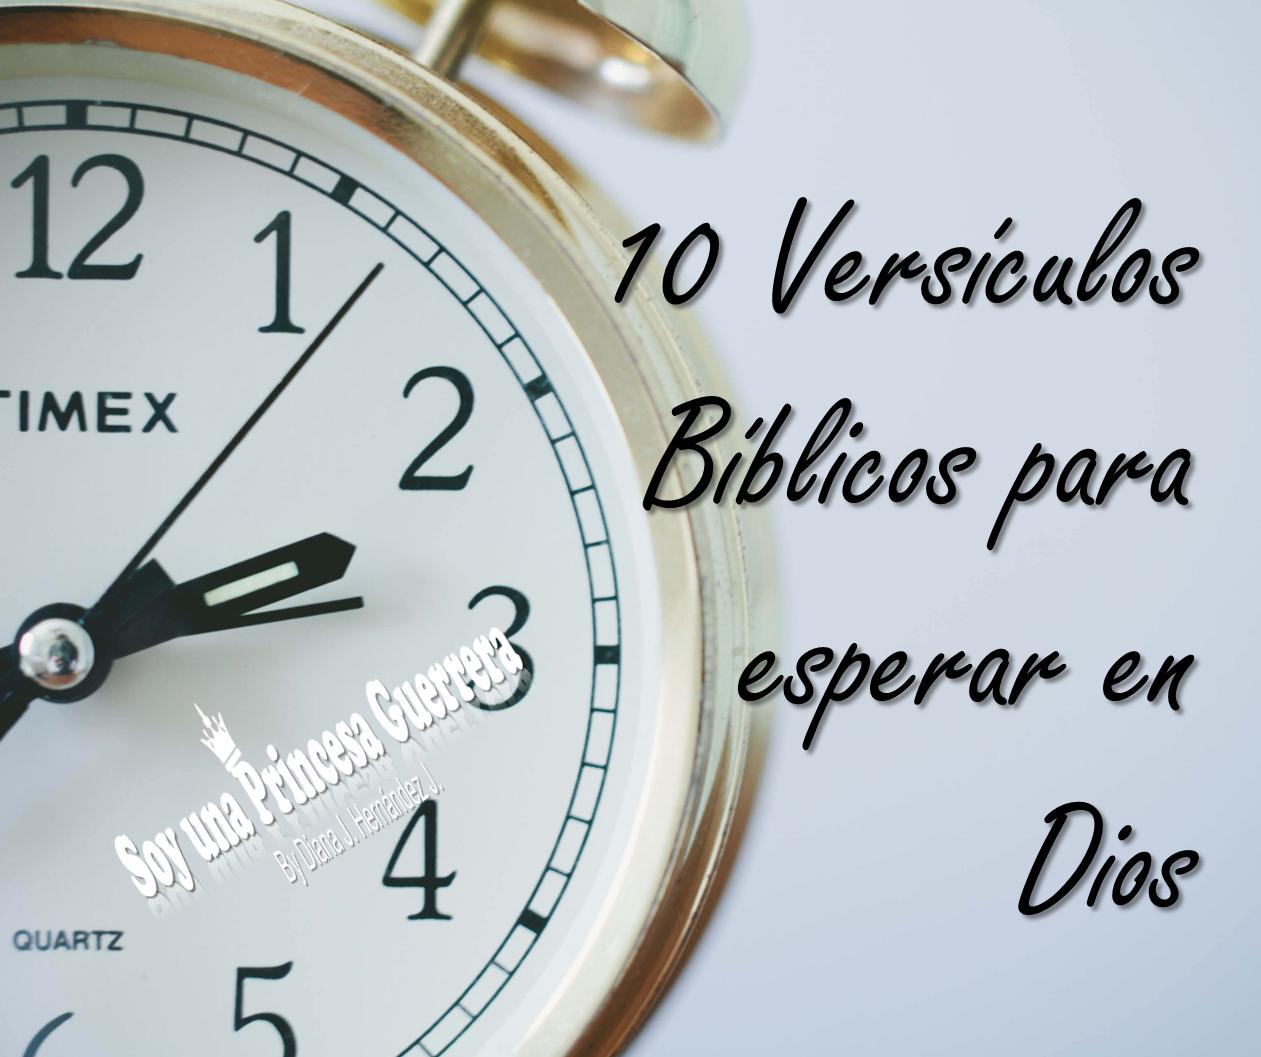 10 Versículos Bíblicos Para Esperar En Dios